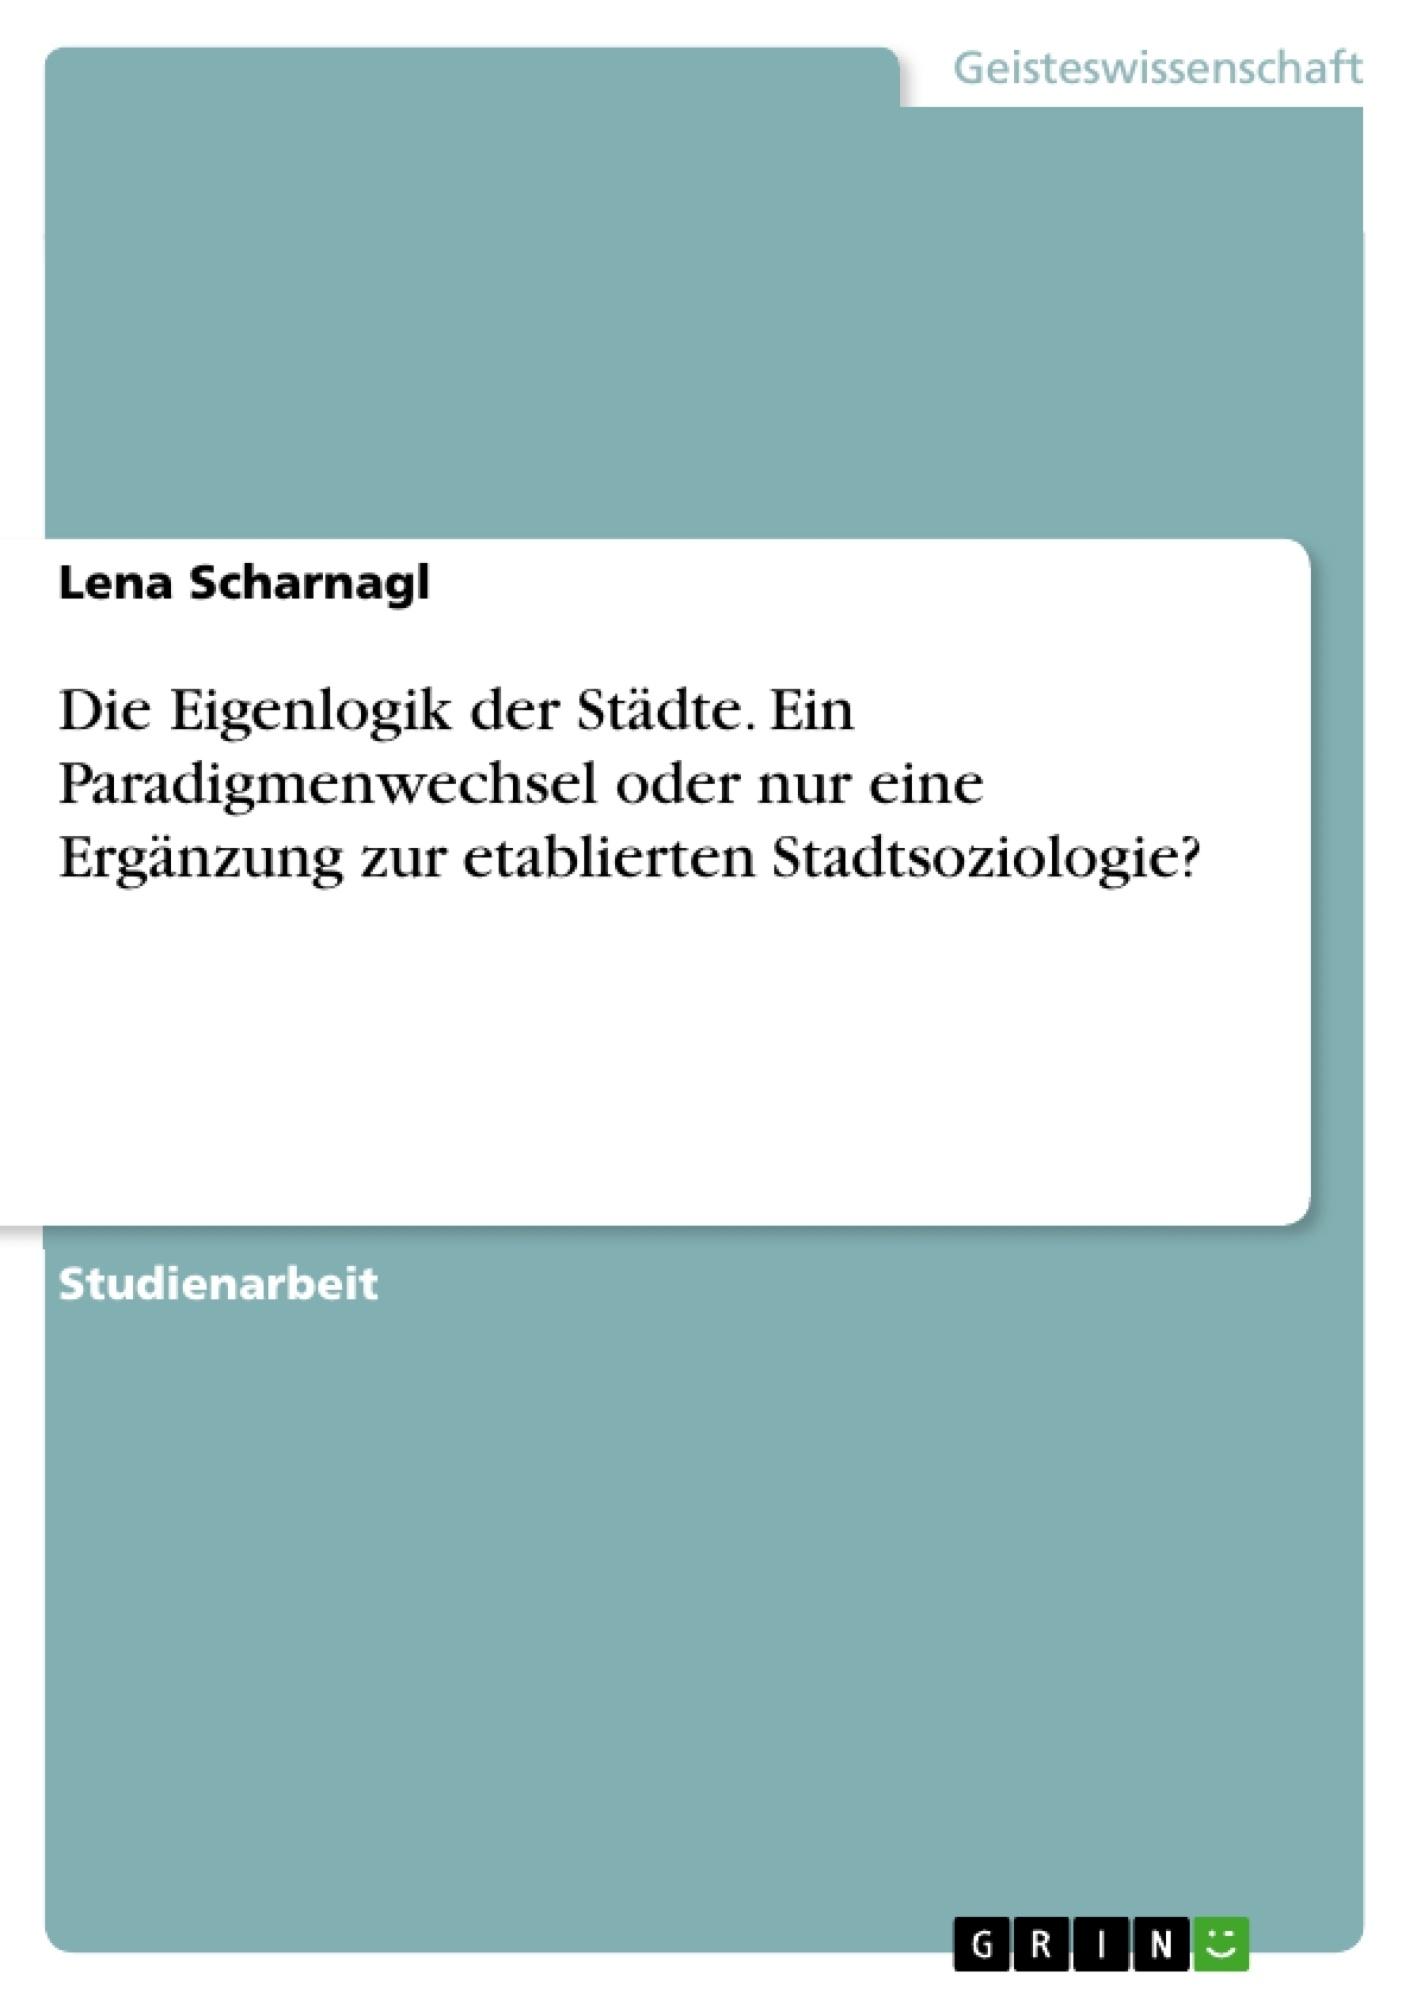 Titel: Die Eigenlogik der Städte. Ein Paradigmenwechsel oder nur eine Ergänzung zur etablierten Stadtsoziologie?